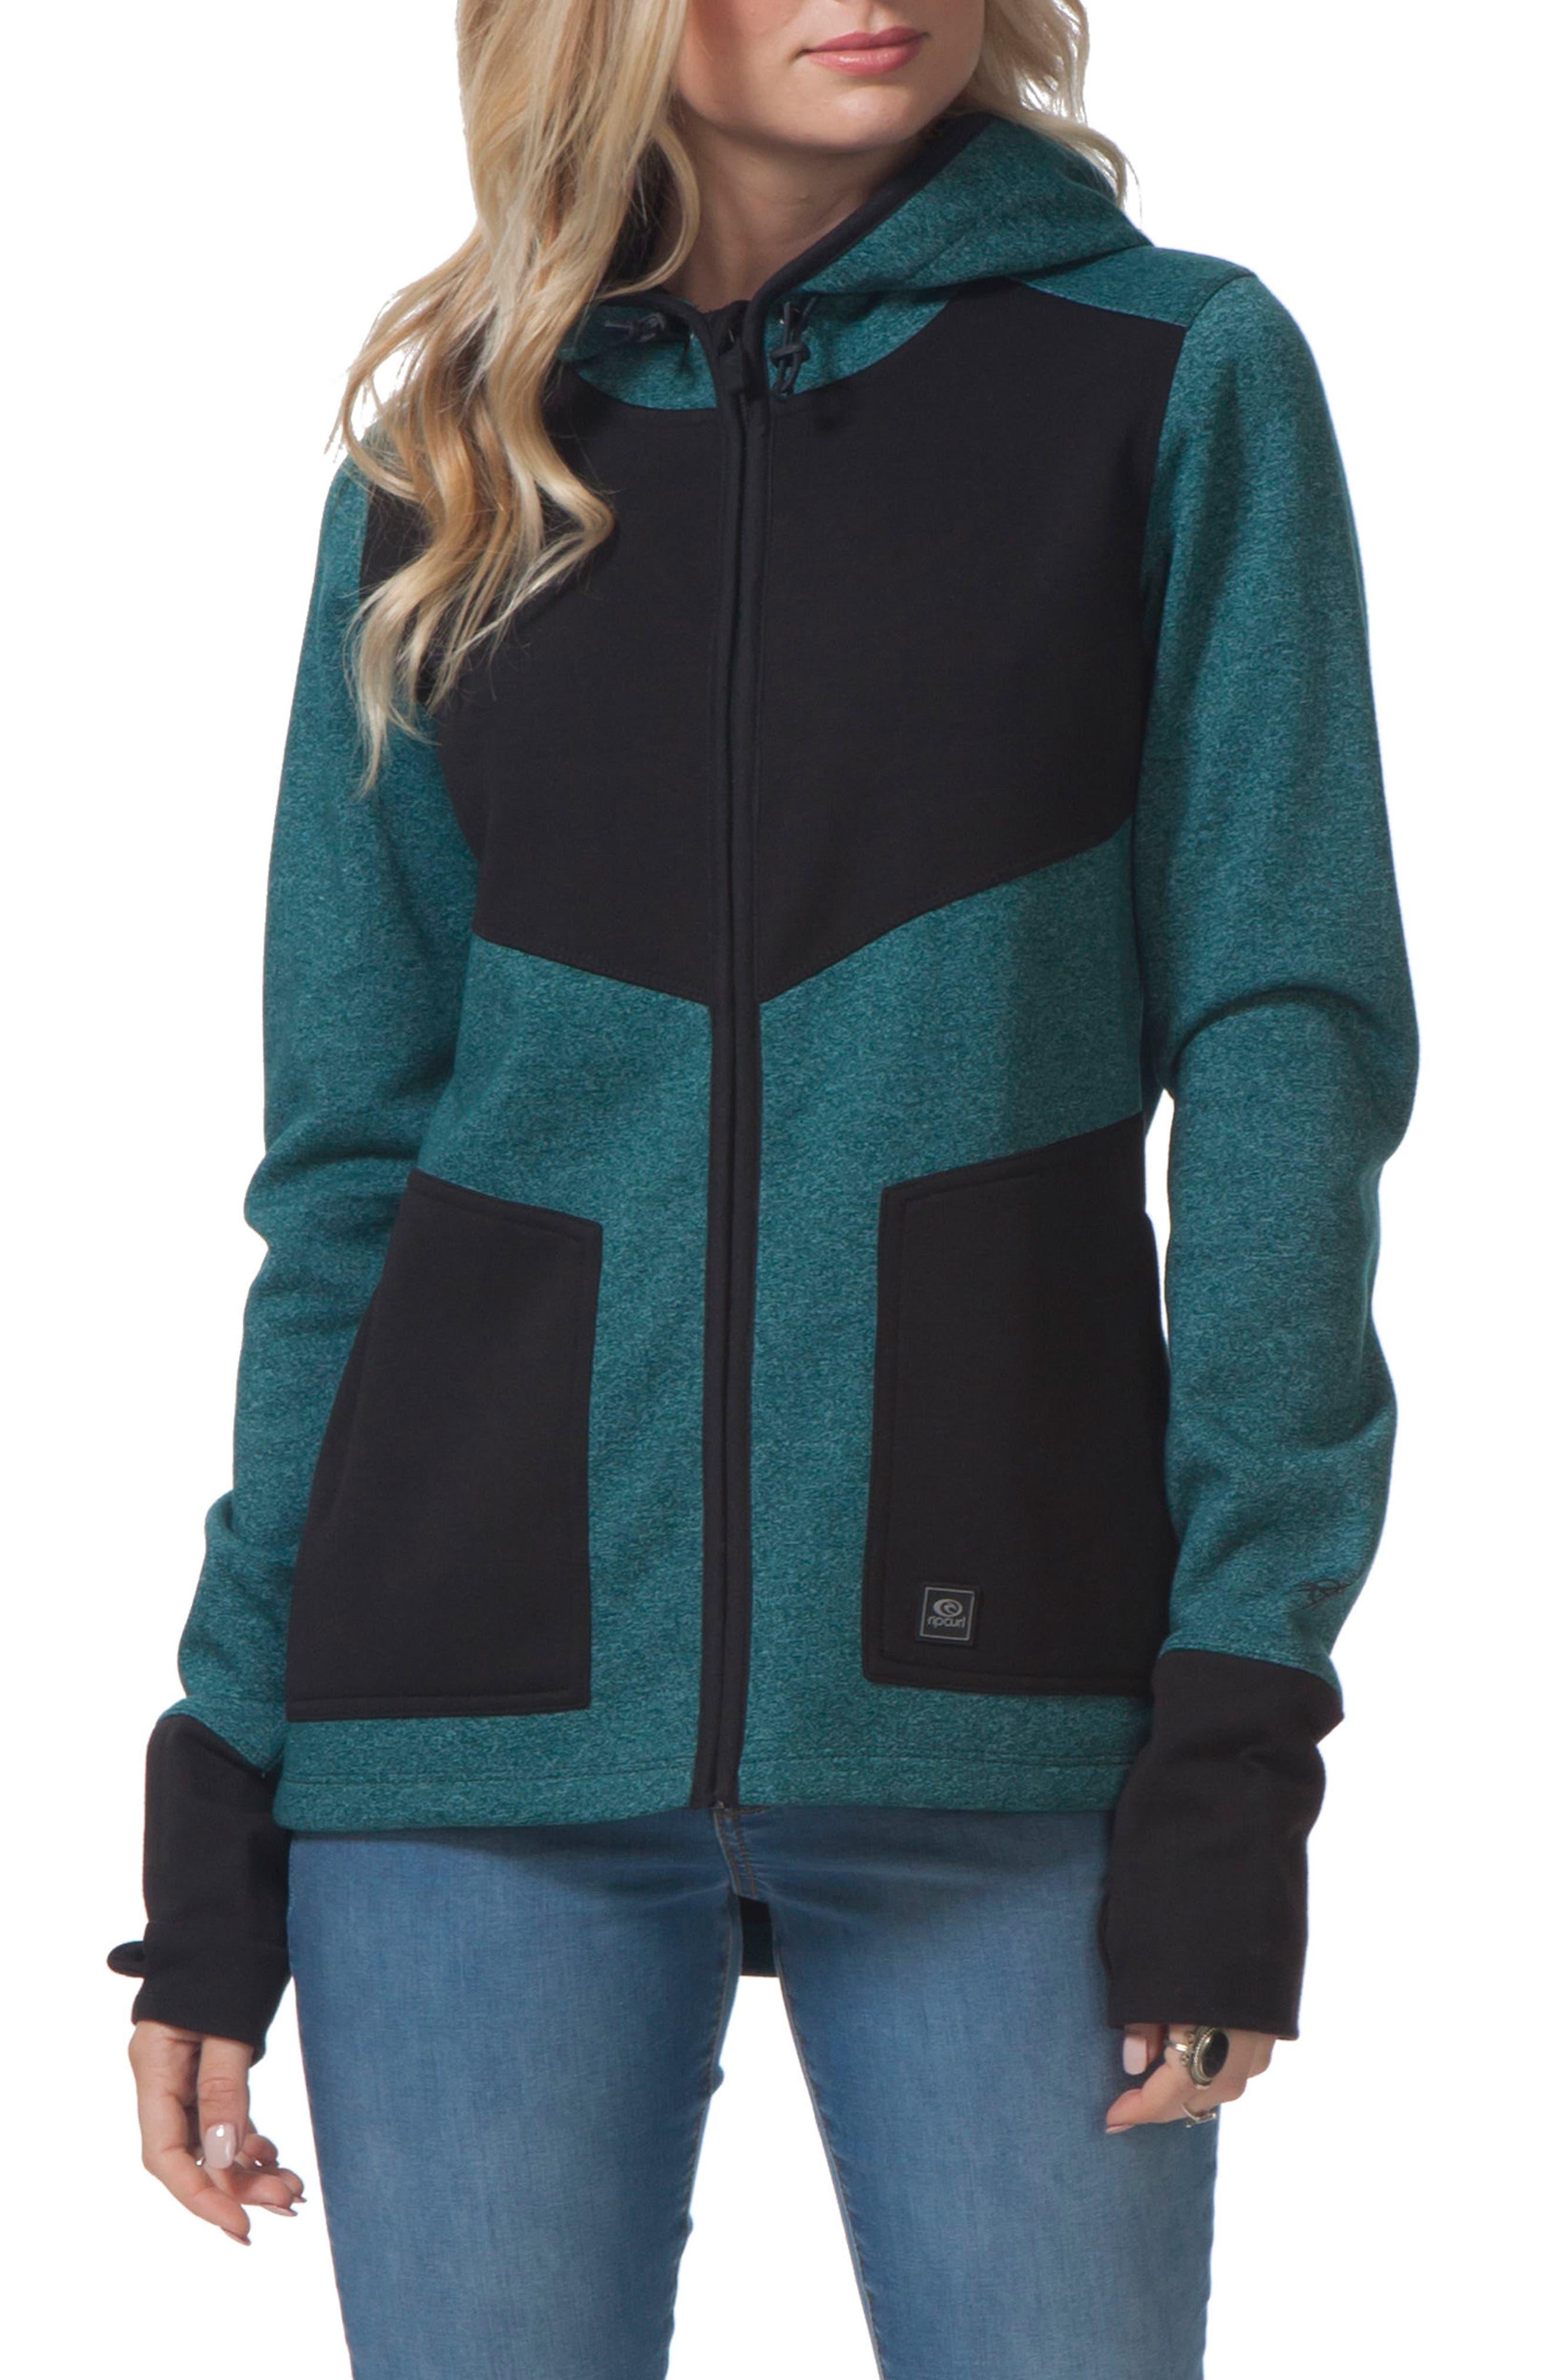 Espy Anti Series Hooded Jacket,                         Main,                         color, Dark Teal